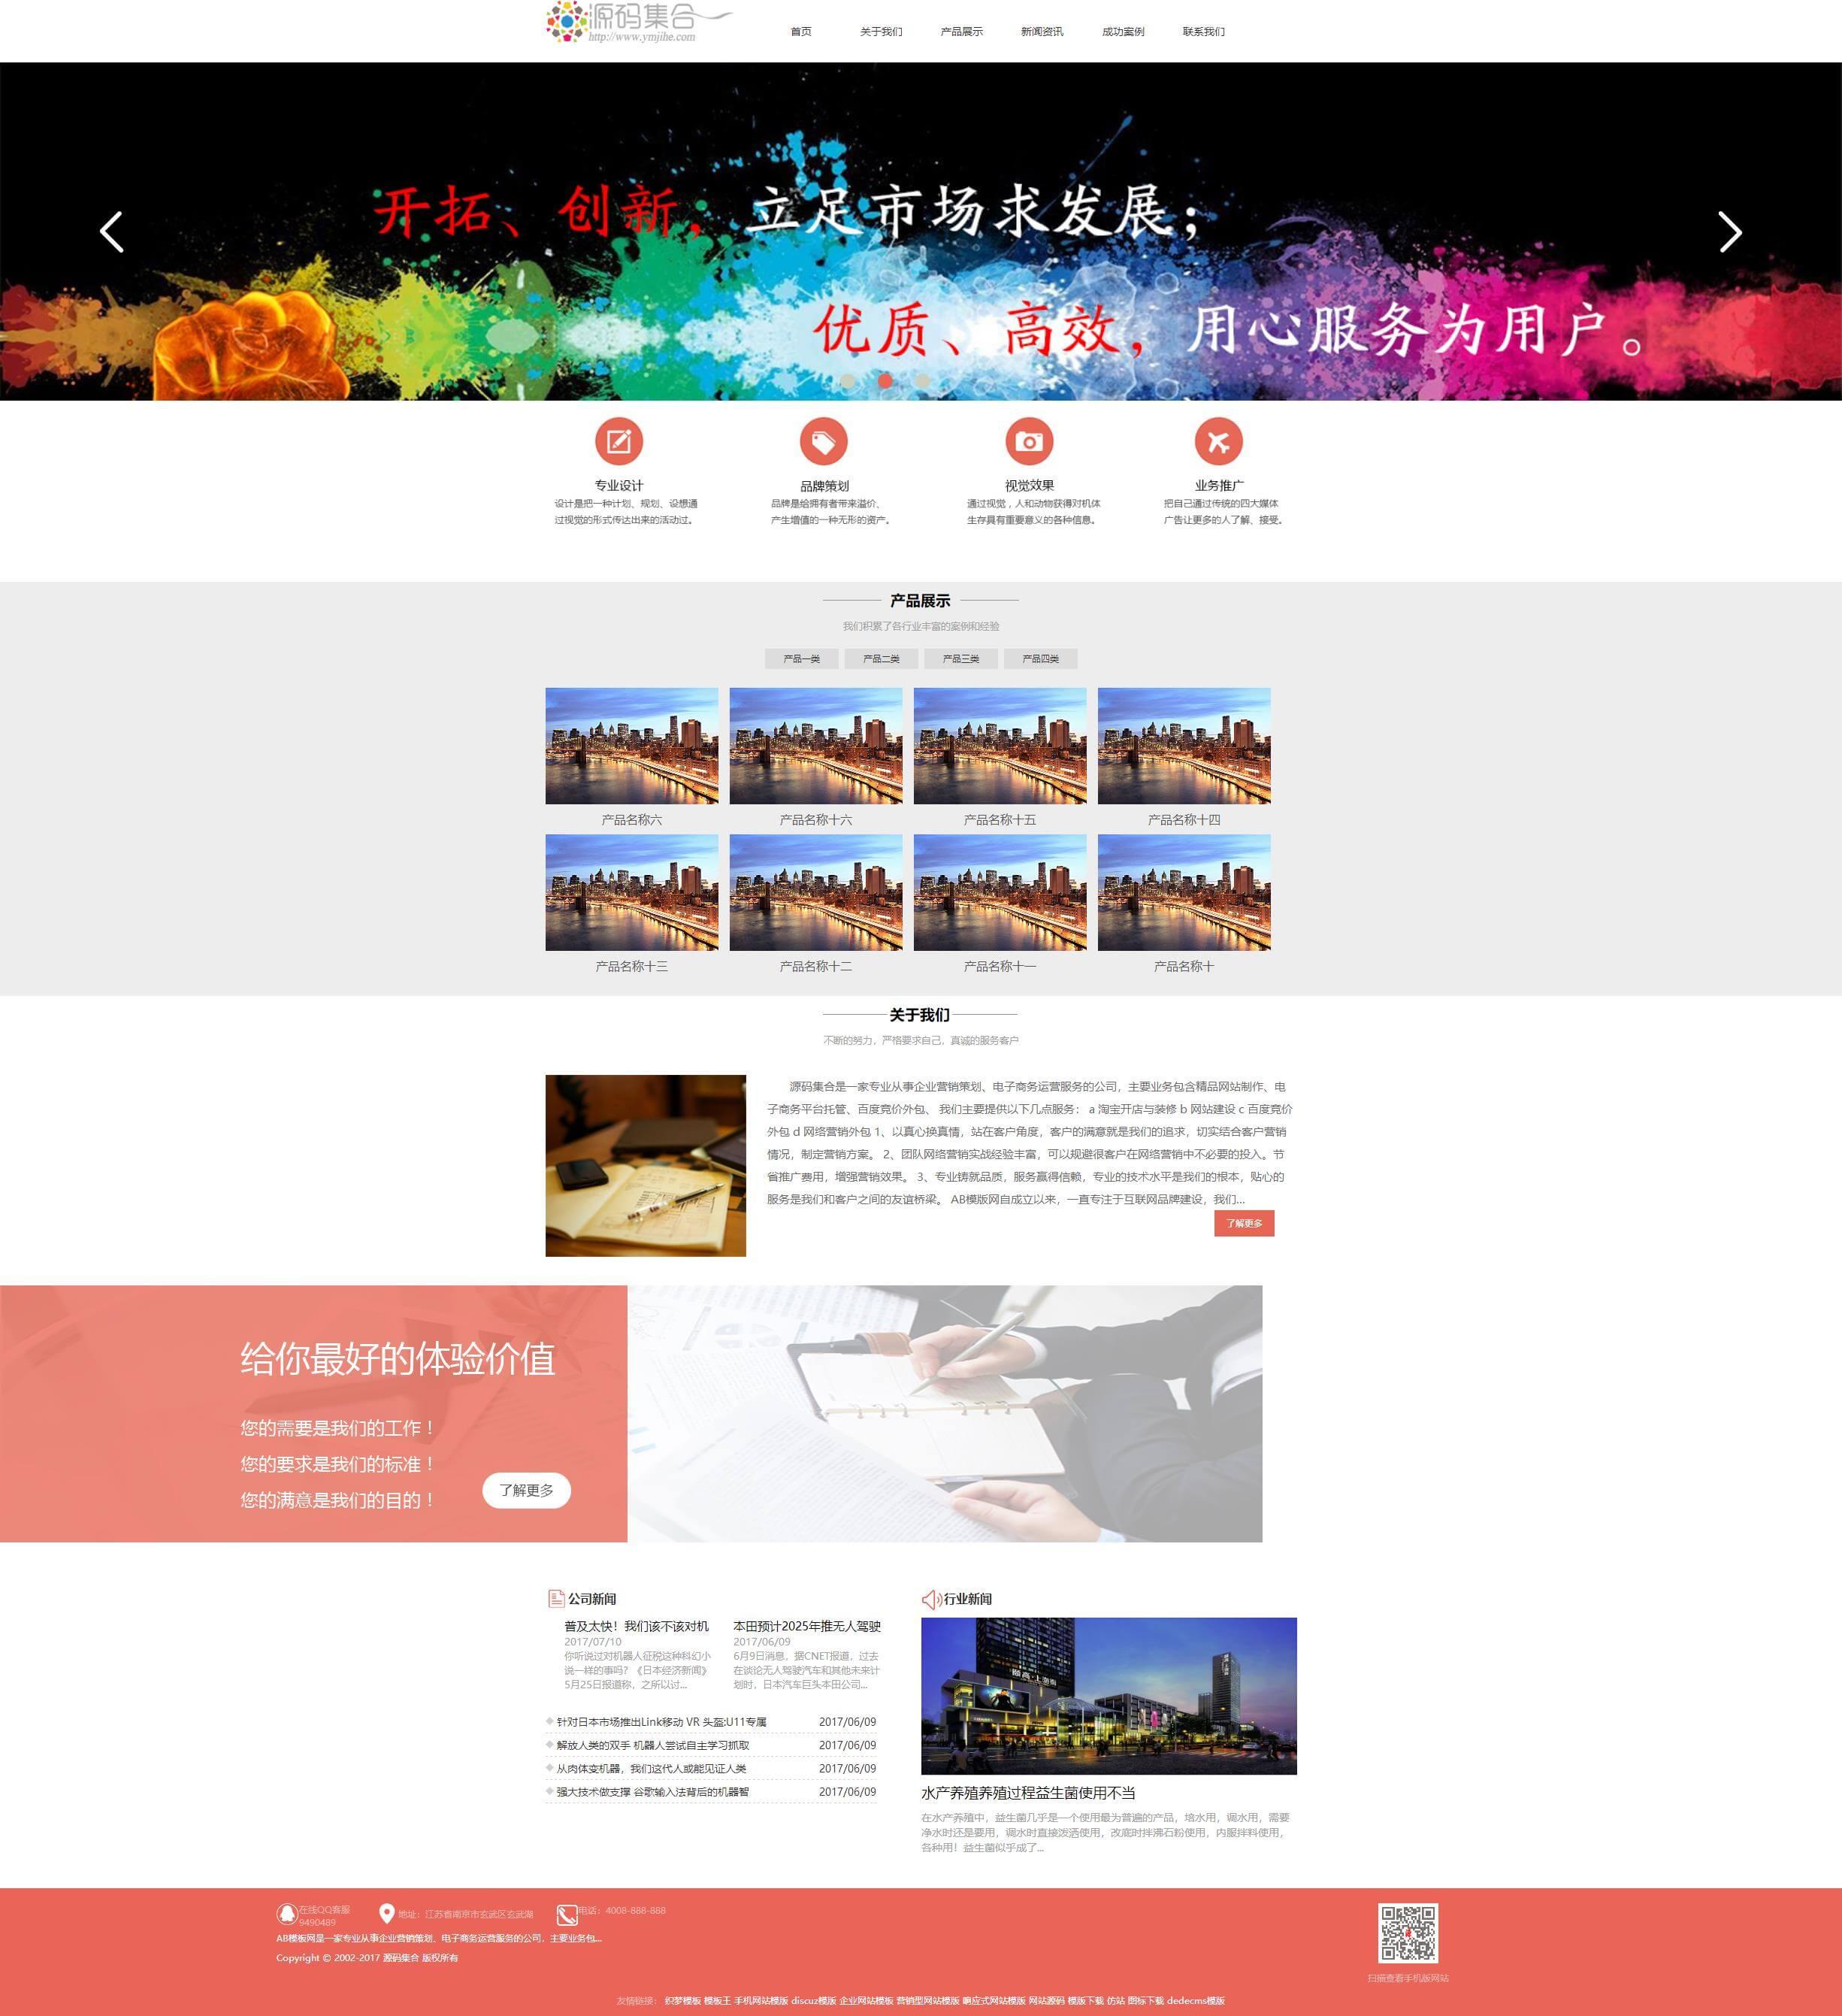 织梦模板户外传媒企业宣传官网,整站分享